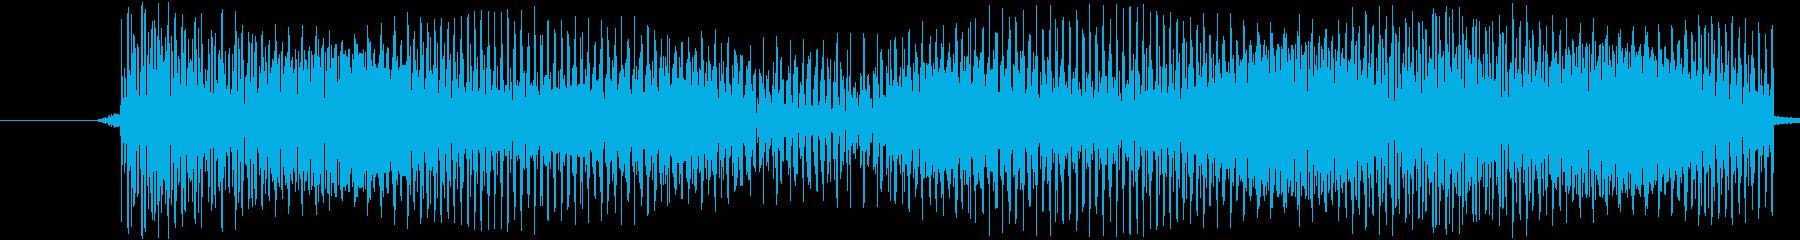 【電子音/決定キャンセル/ビー/E】の再生済みの波形